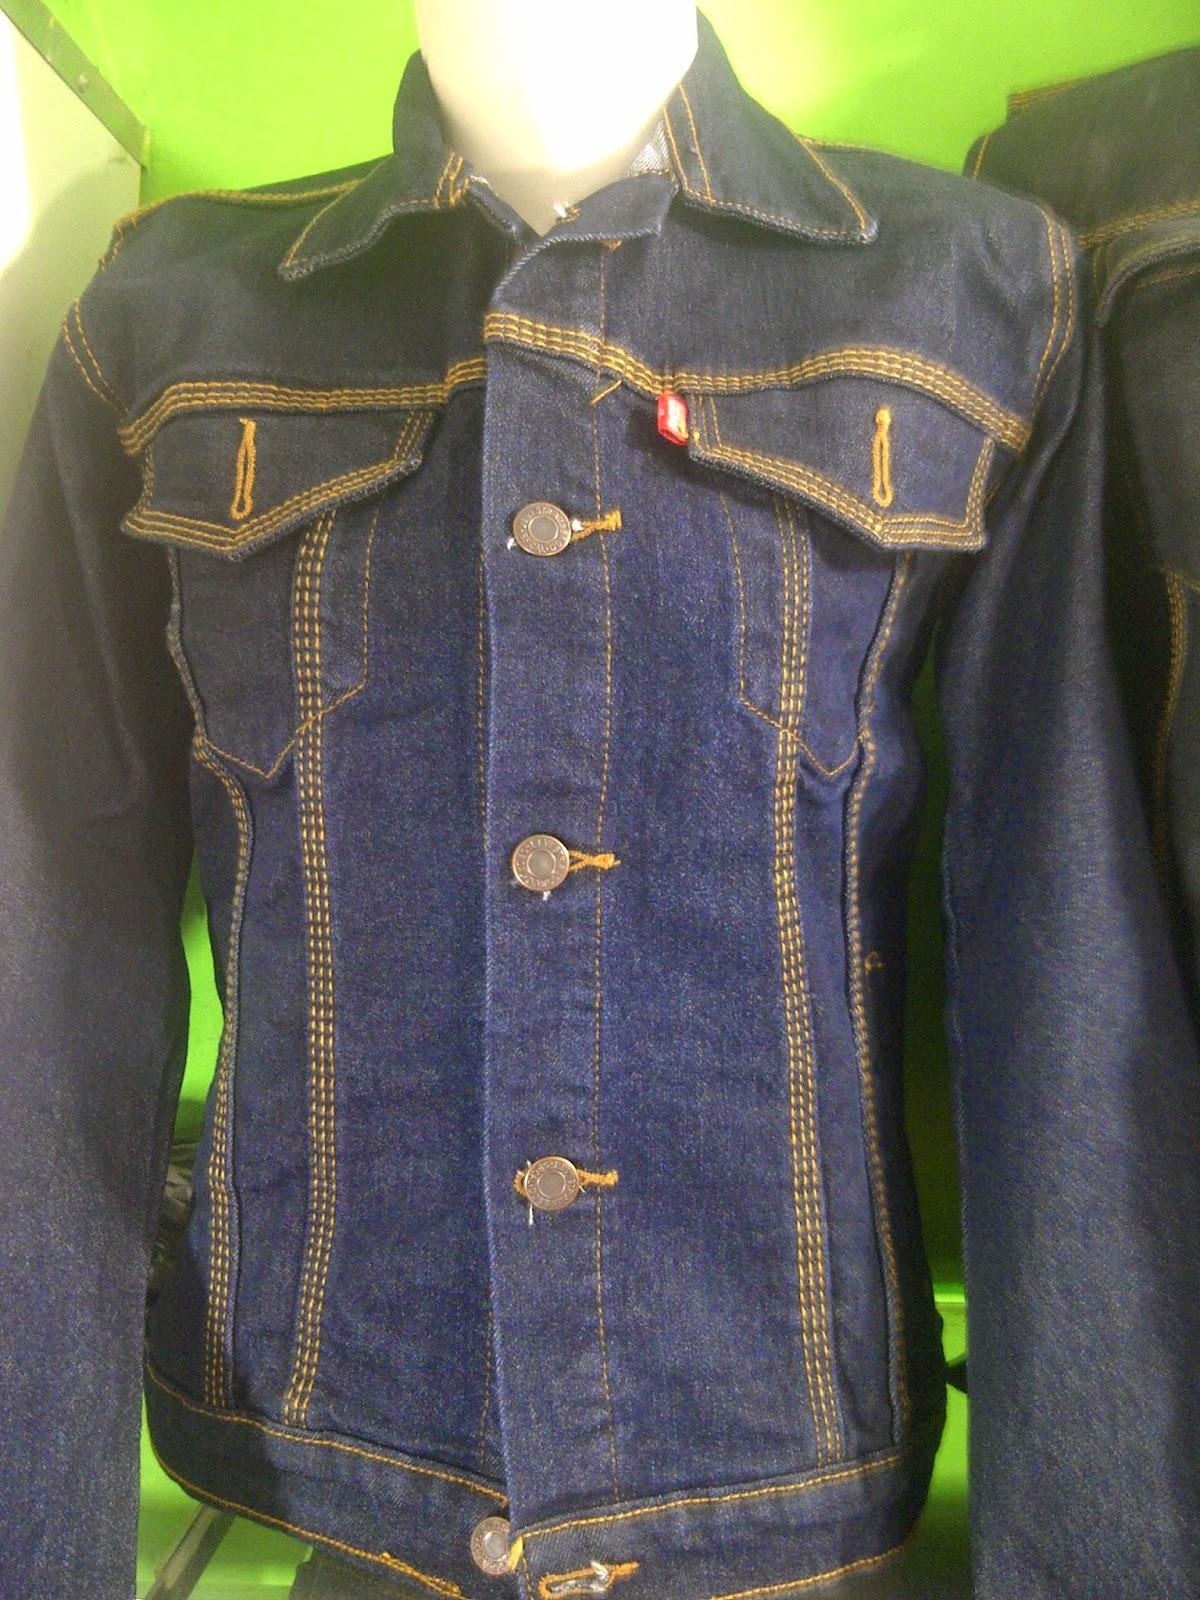 Jaket Jeans wanita, jaket jeans blue black, jake jeans biru dogker